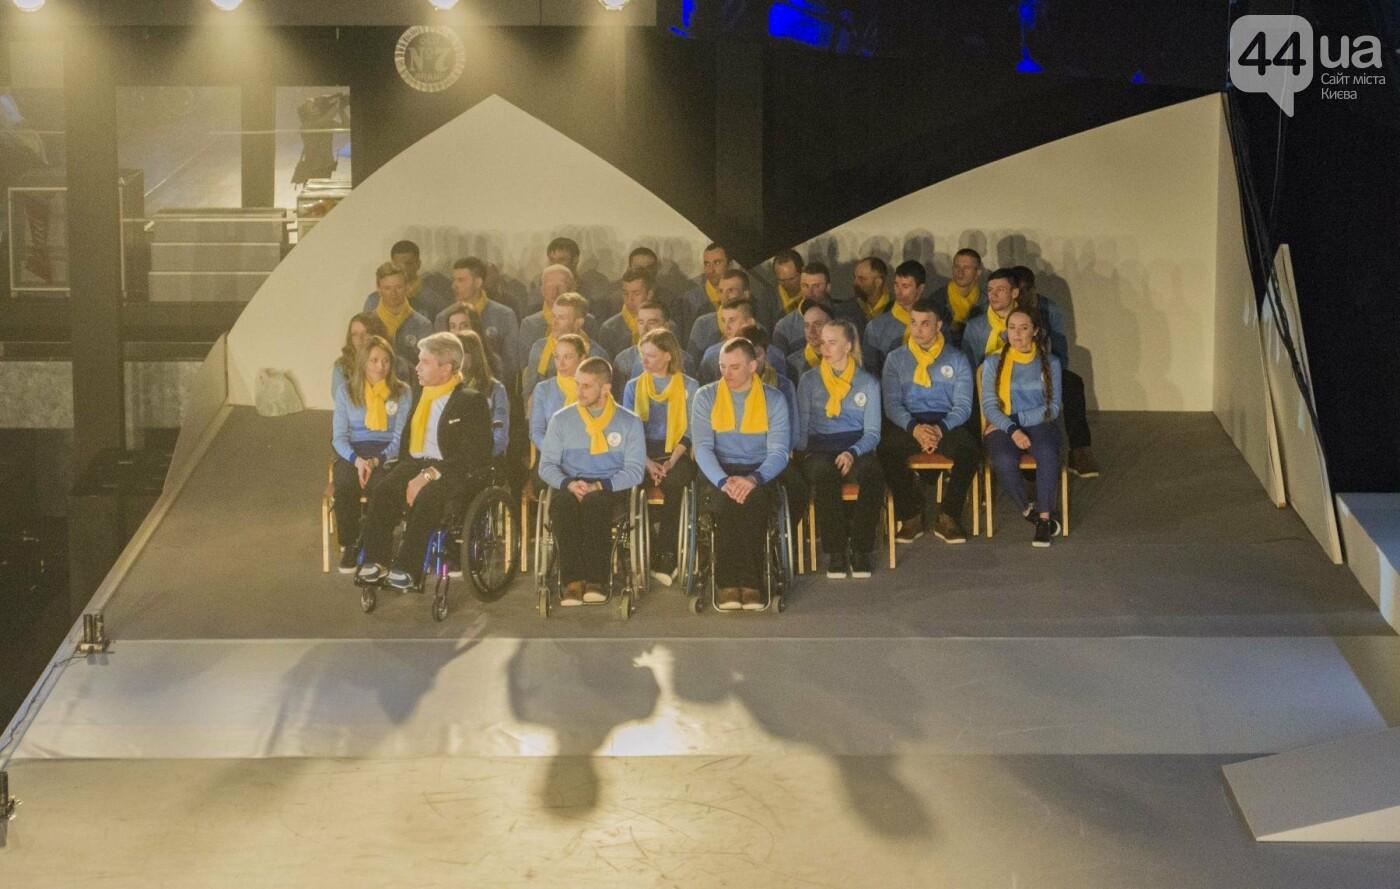 Первая леди, министры и звезды: как провожали украинских паралимпийцев в Южную Корею, фото-2